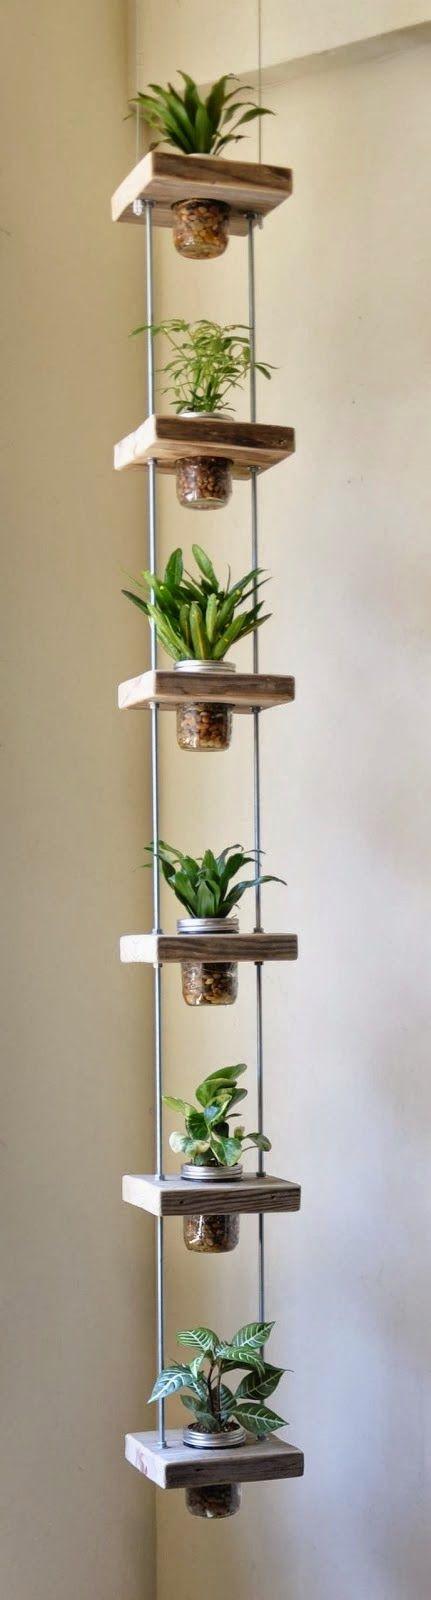 Inspiration Vertical Garden  .herb garden in kitchen?